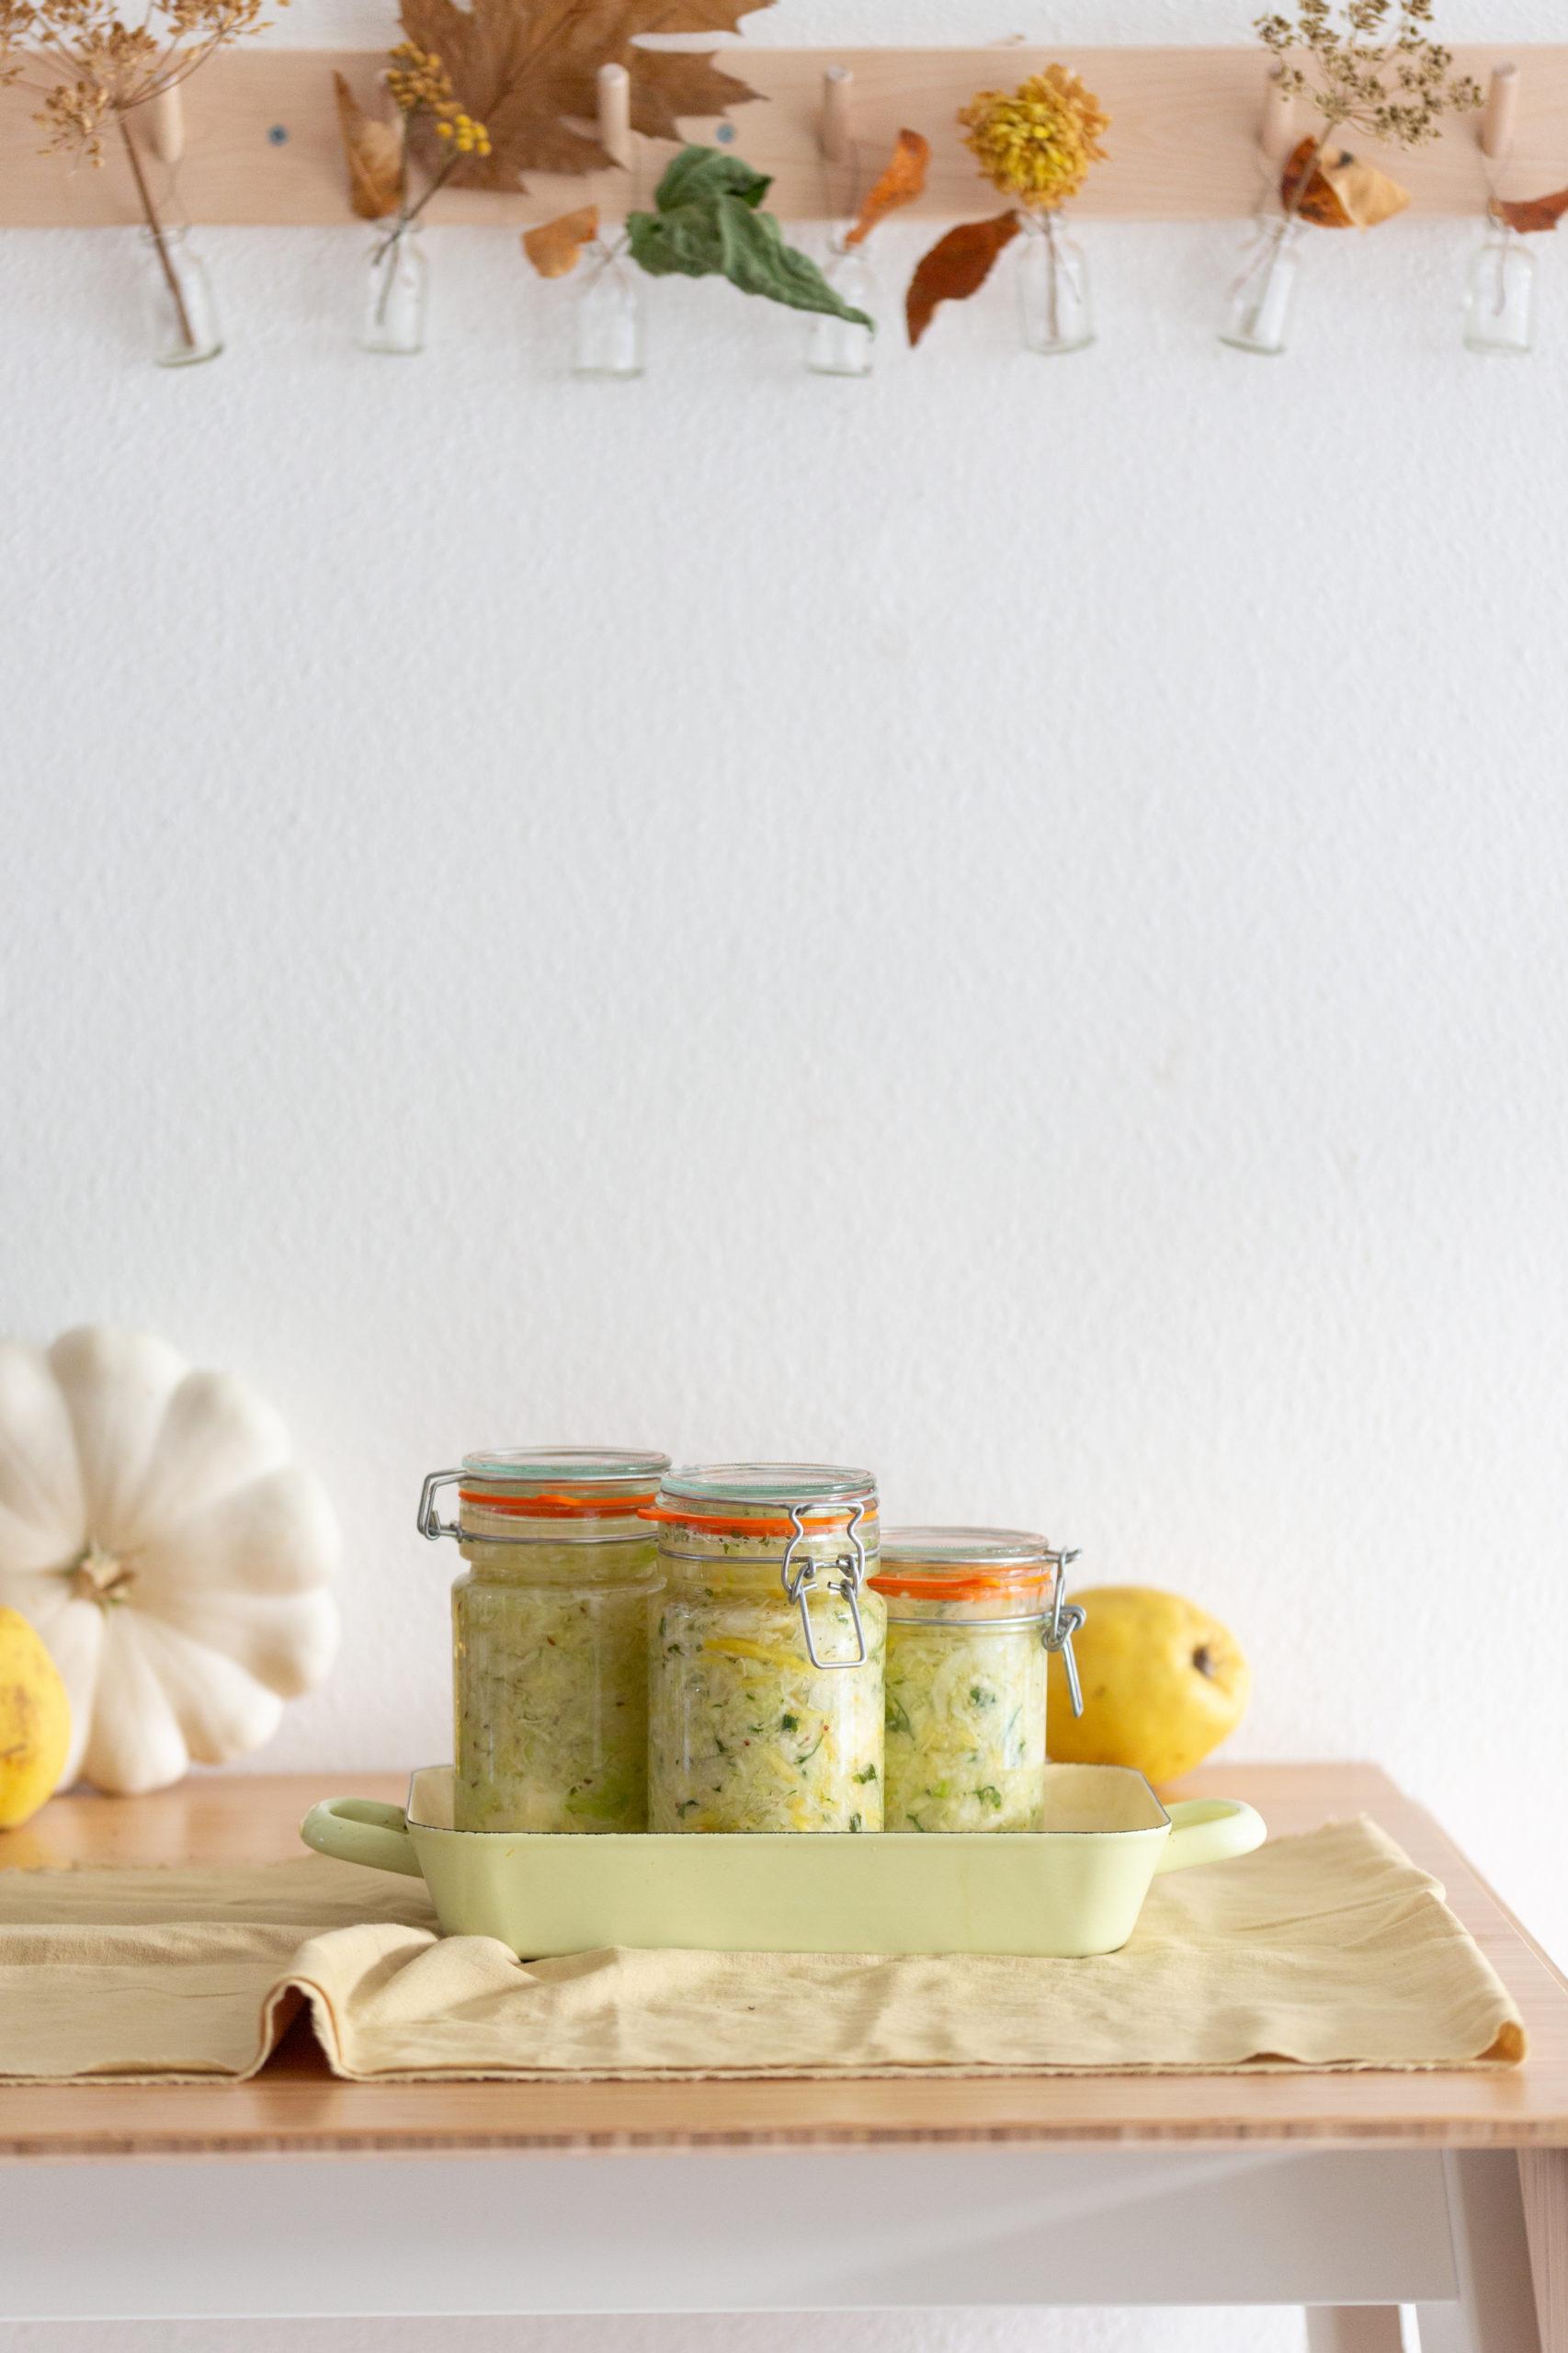 3 Glaeser mit Sauerkraut